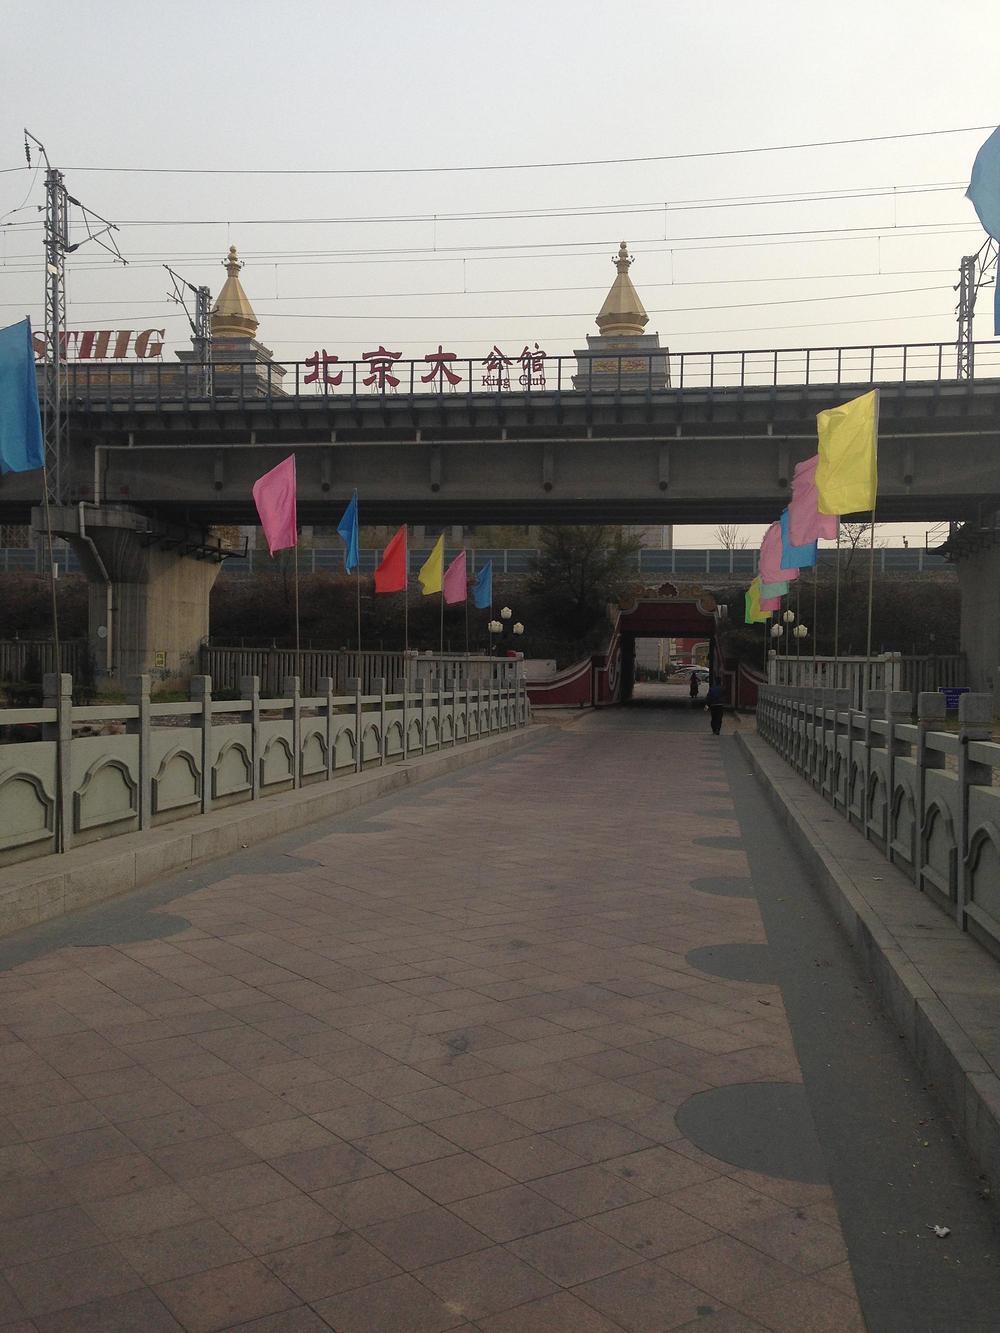 北京大神殿游玩遗迹密室打败16攻略公馆逃脱博鲁塔攻略图片